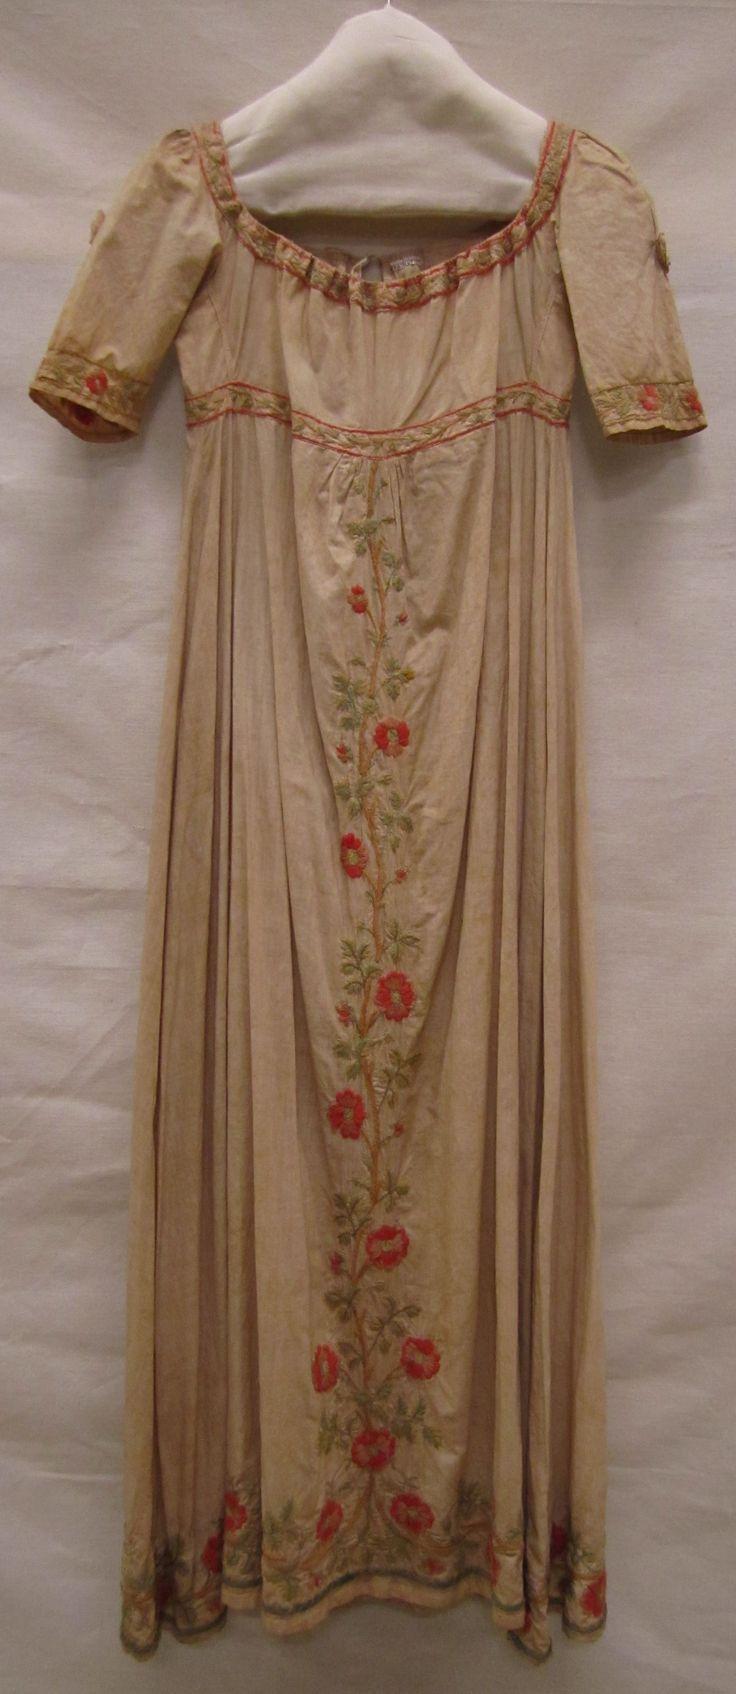 Japon | gown, ca. 1800-1825, katoen met groene wol geborduurd | cotton with embroidery in green wool, Gemeentemuseum Den Haag. #gemeentemuseum #janeausten #modemuze